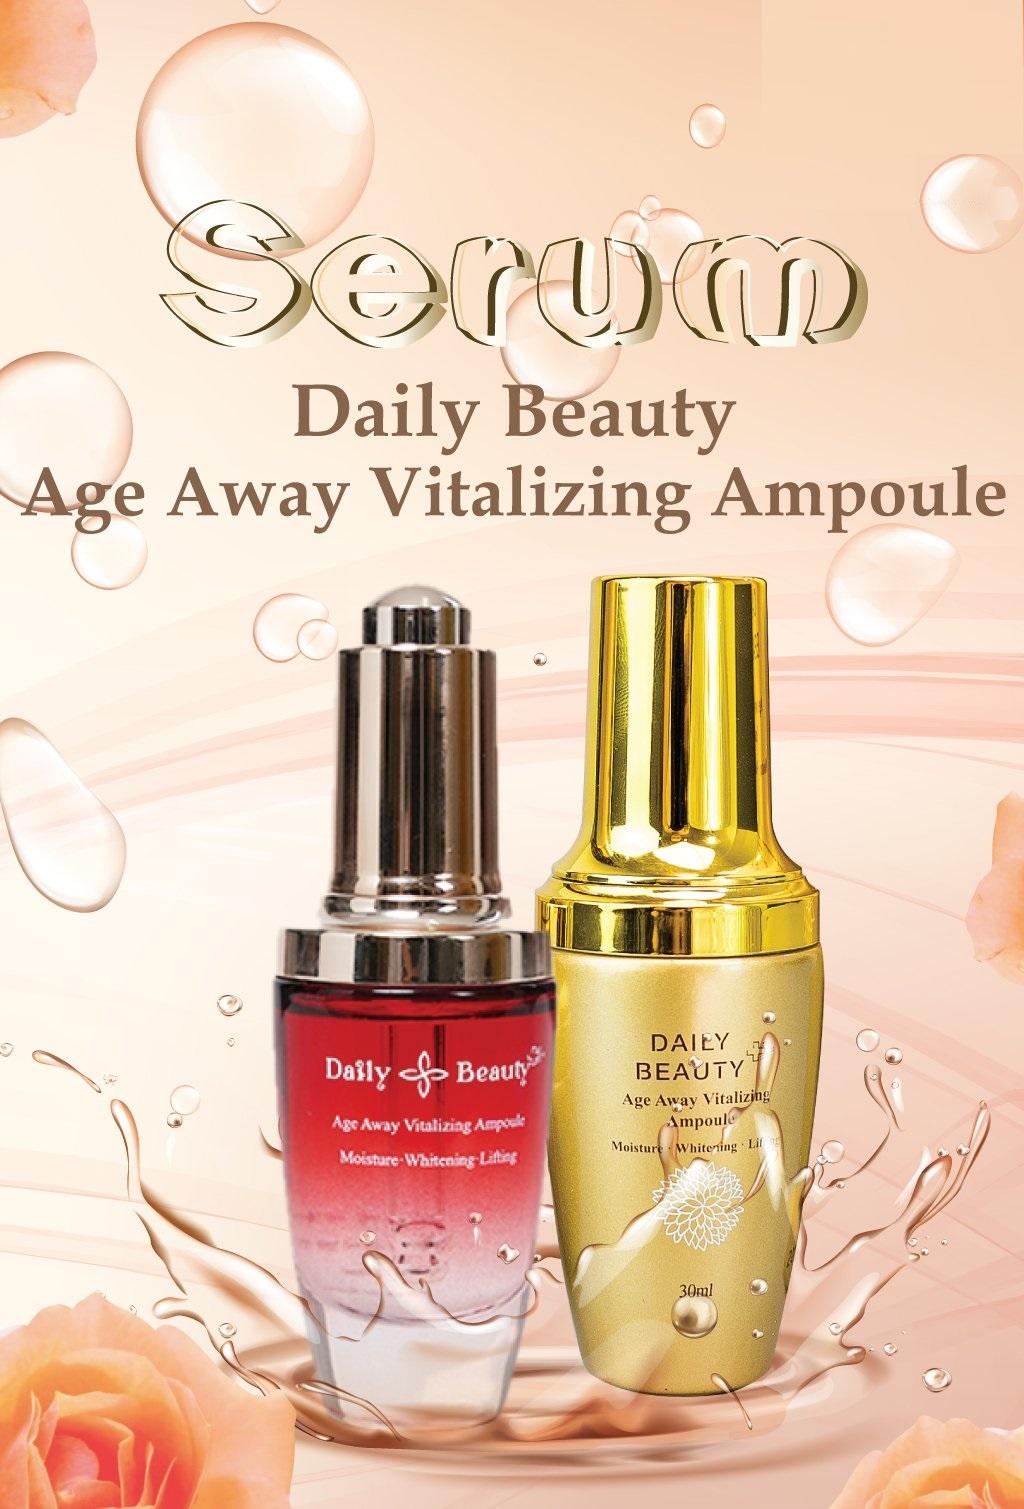 Combo 3 hộp Serum Daily Beauty Age Away Vitalizing Ampoule Đánh Thức Thanh Xuân sản phẩm nhập khẩu chính ngạch Hàn Quốc